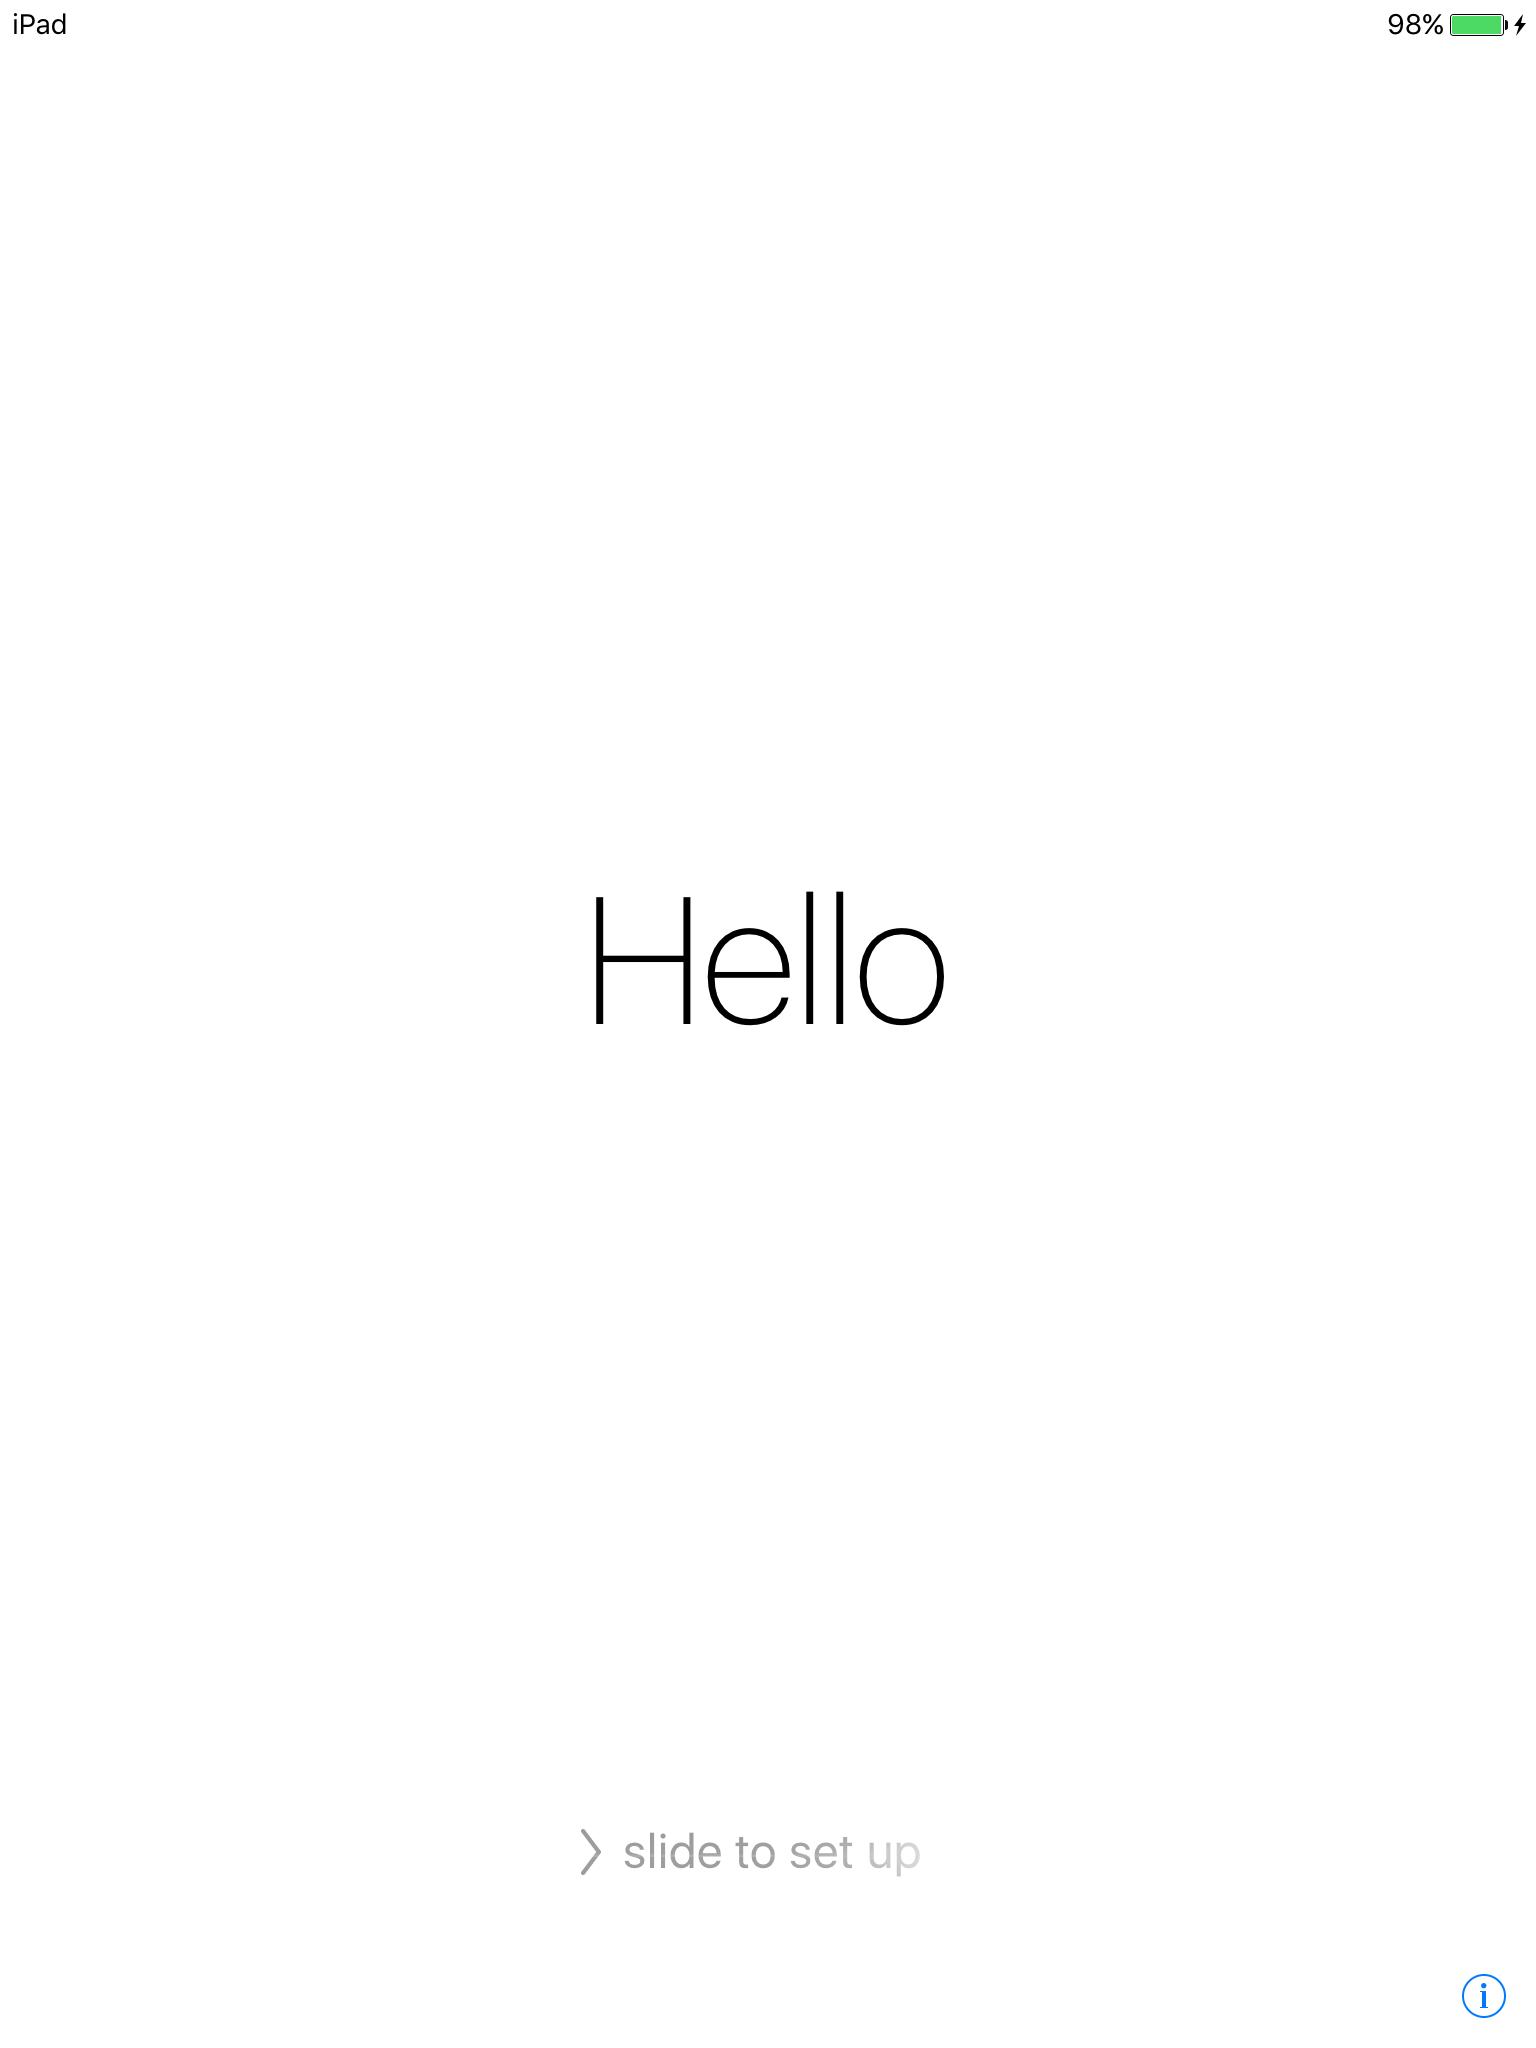 Cydia Eraser Hello